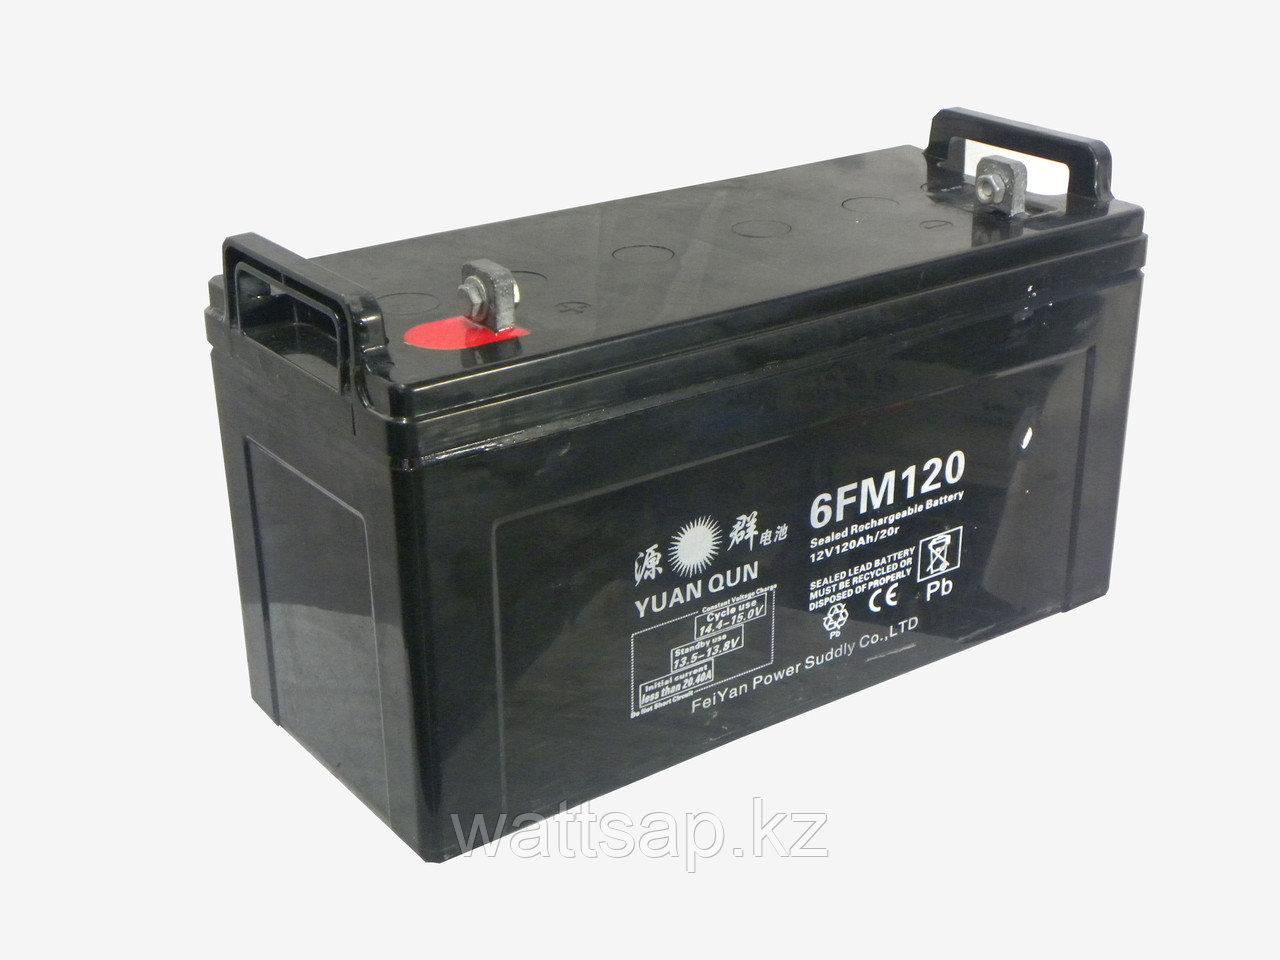 Аккумуляторная батарея 12V 120Ah/ 20r 6FM120